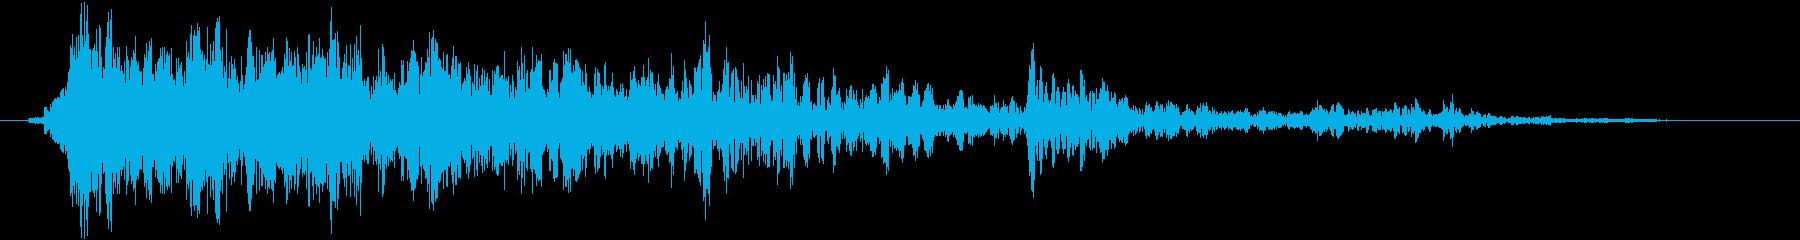 衝撃 スマッシュ25の再生済みの波形